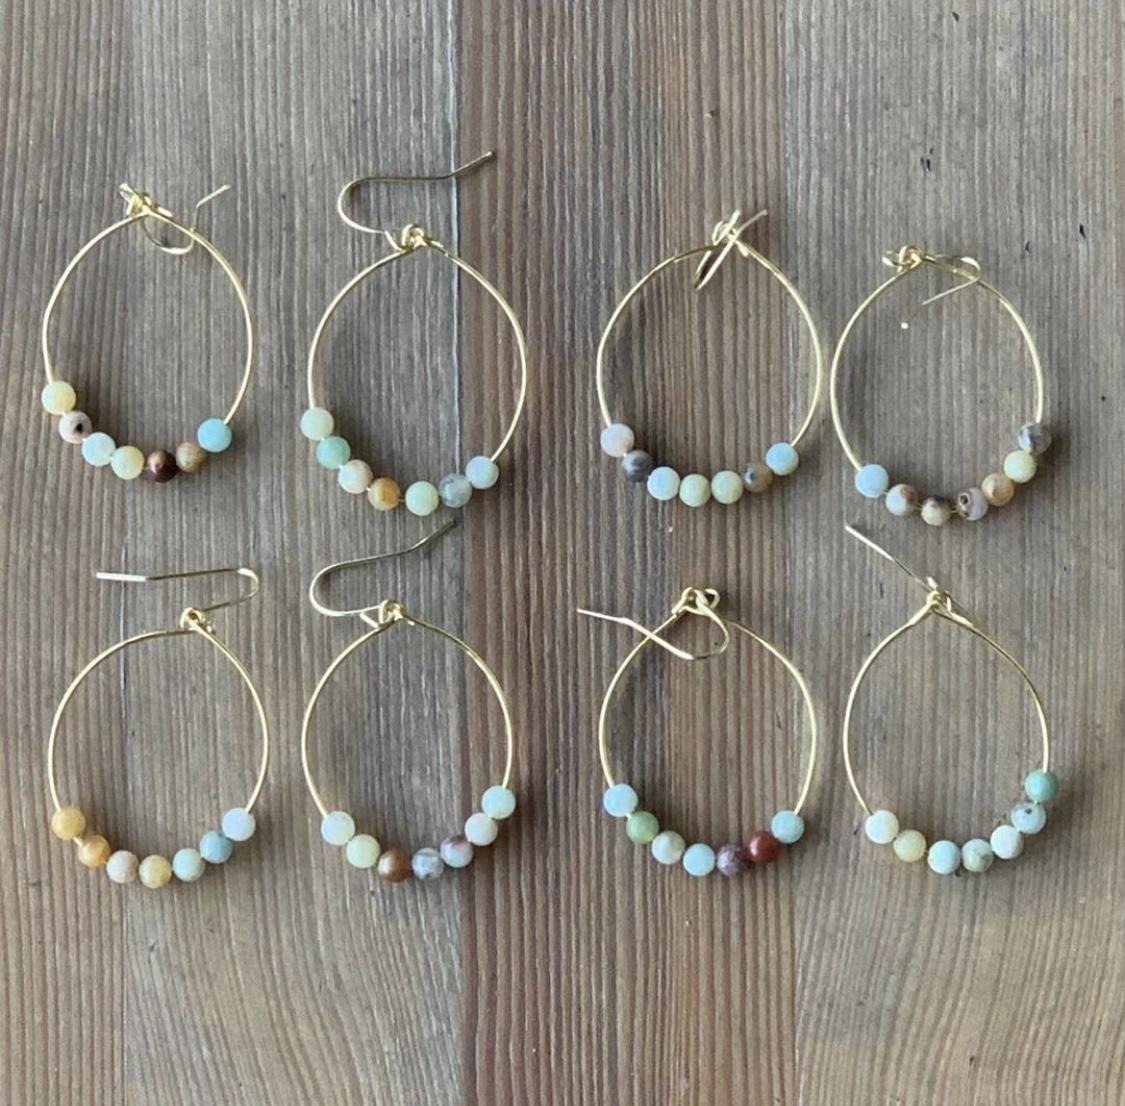 emmie's earrings